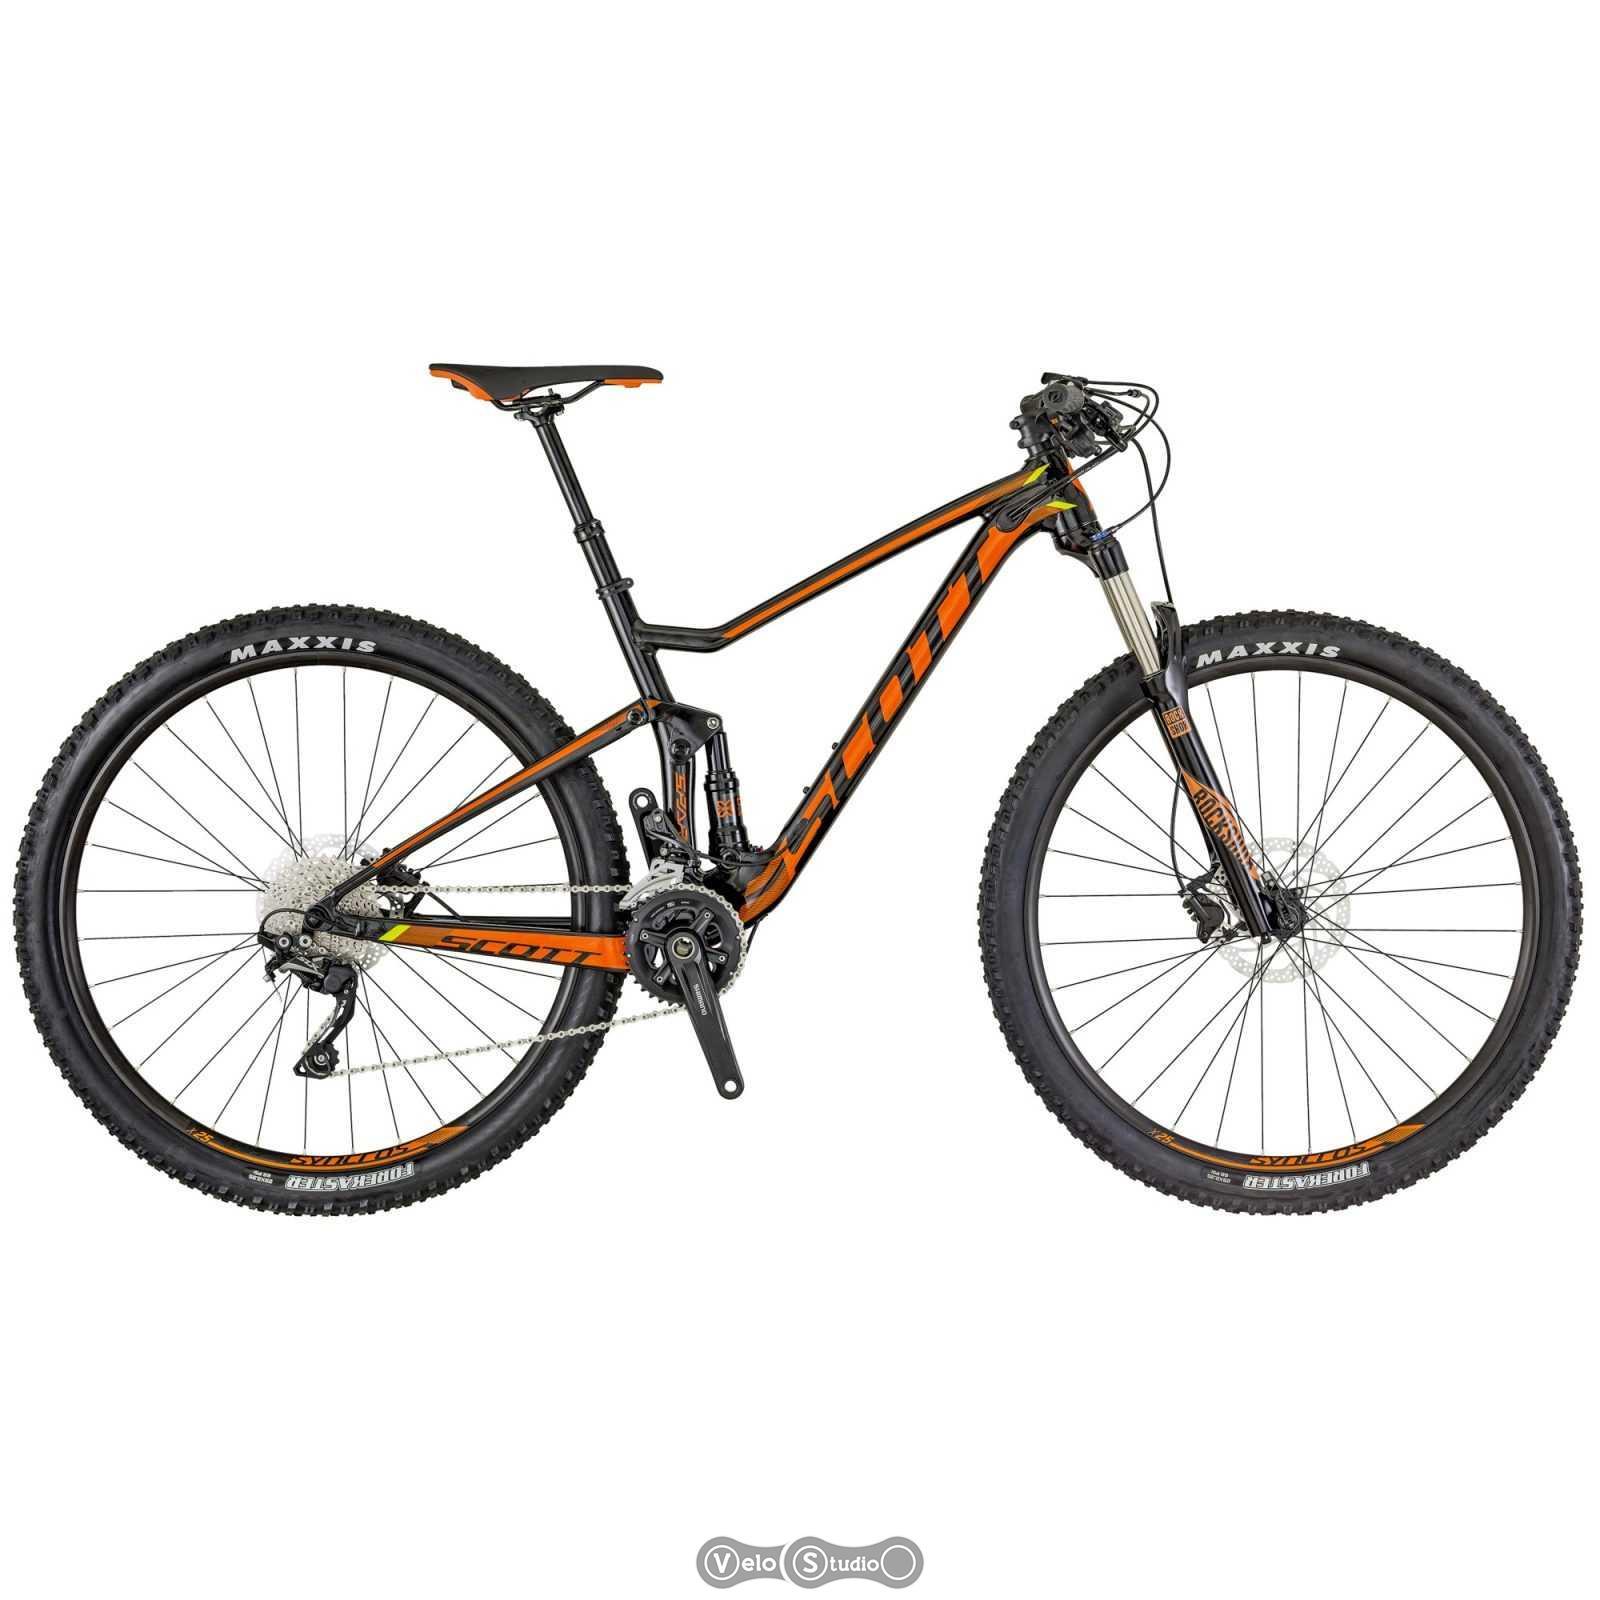 Scott Spark 950 модель 2018 года 29 дюймов